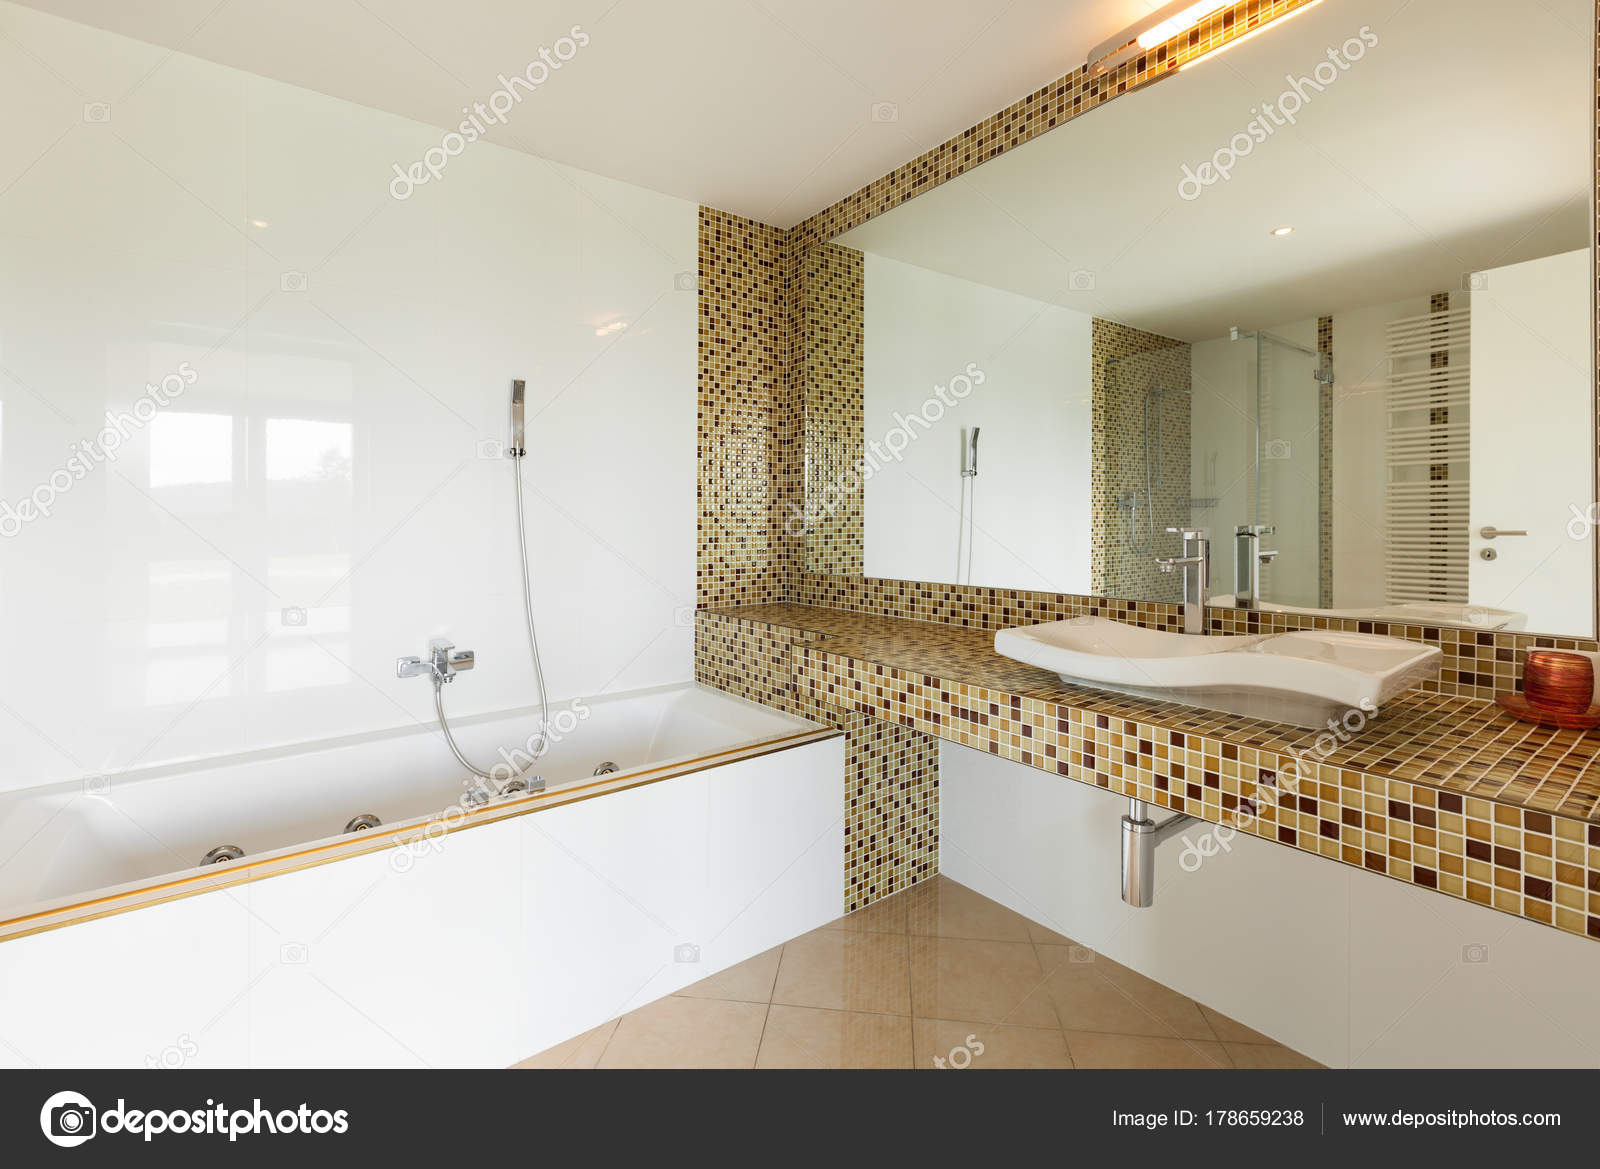 Schönes Badezimmer anzeigen — Stockfoto © Zveiger #178659238